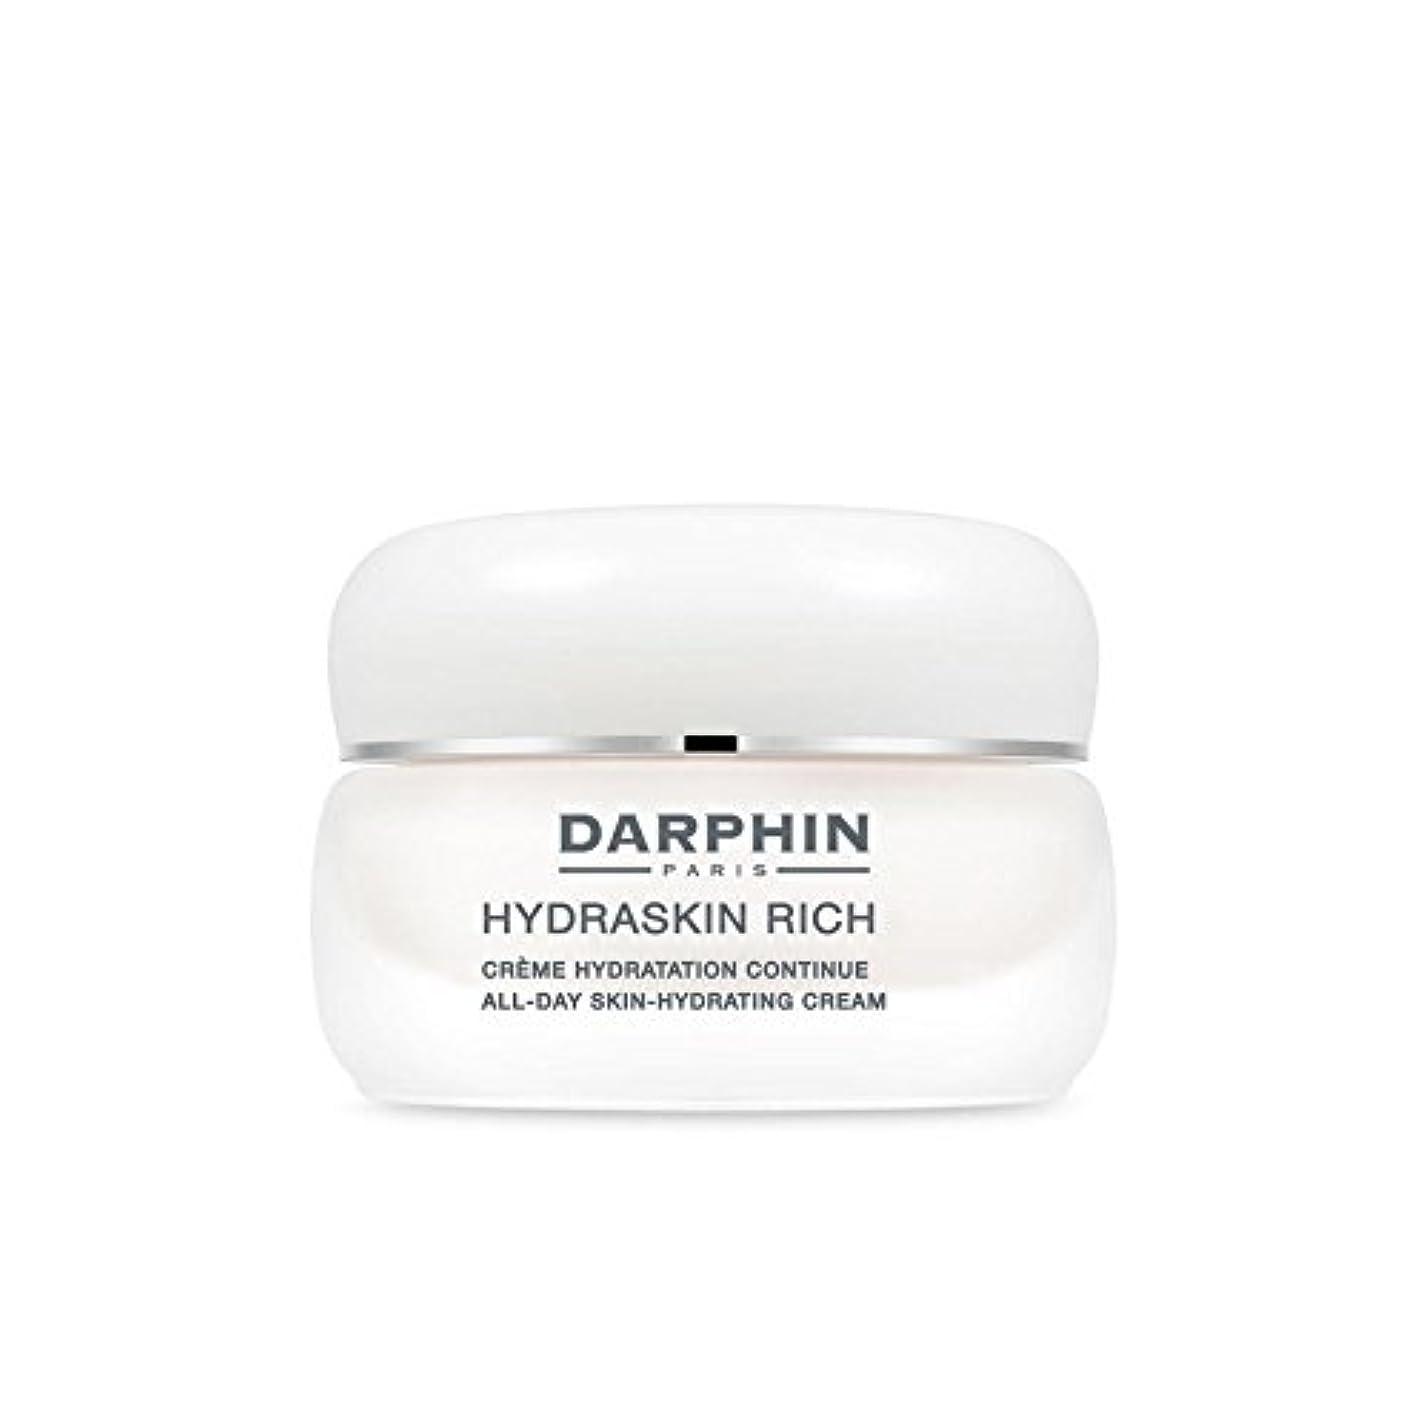 ギャザー破滅的な意味する豊富 - 保護保湿クリーム(50)にダルファン x2 - Darphin Hydraskin Rich -Protective Moisturising Cream (50ml) (Pack of 2) [並行輸入品]